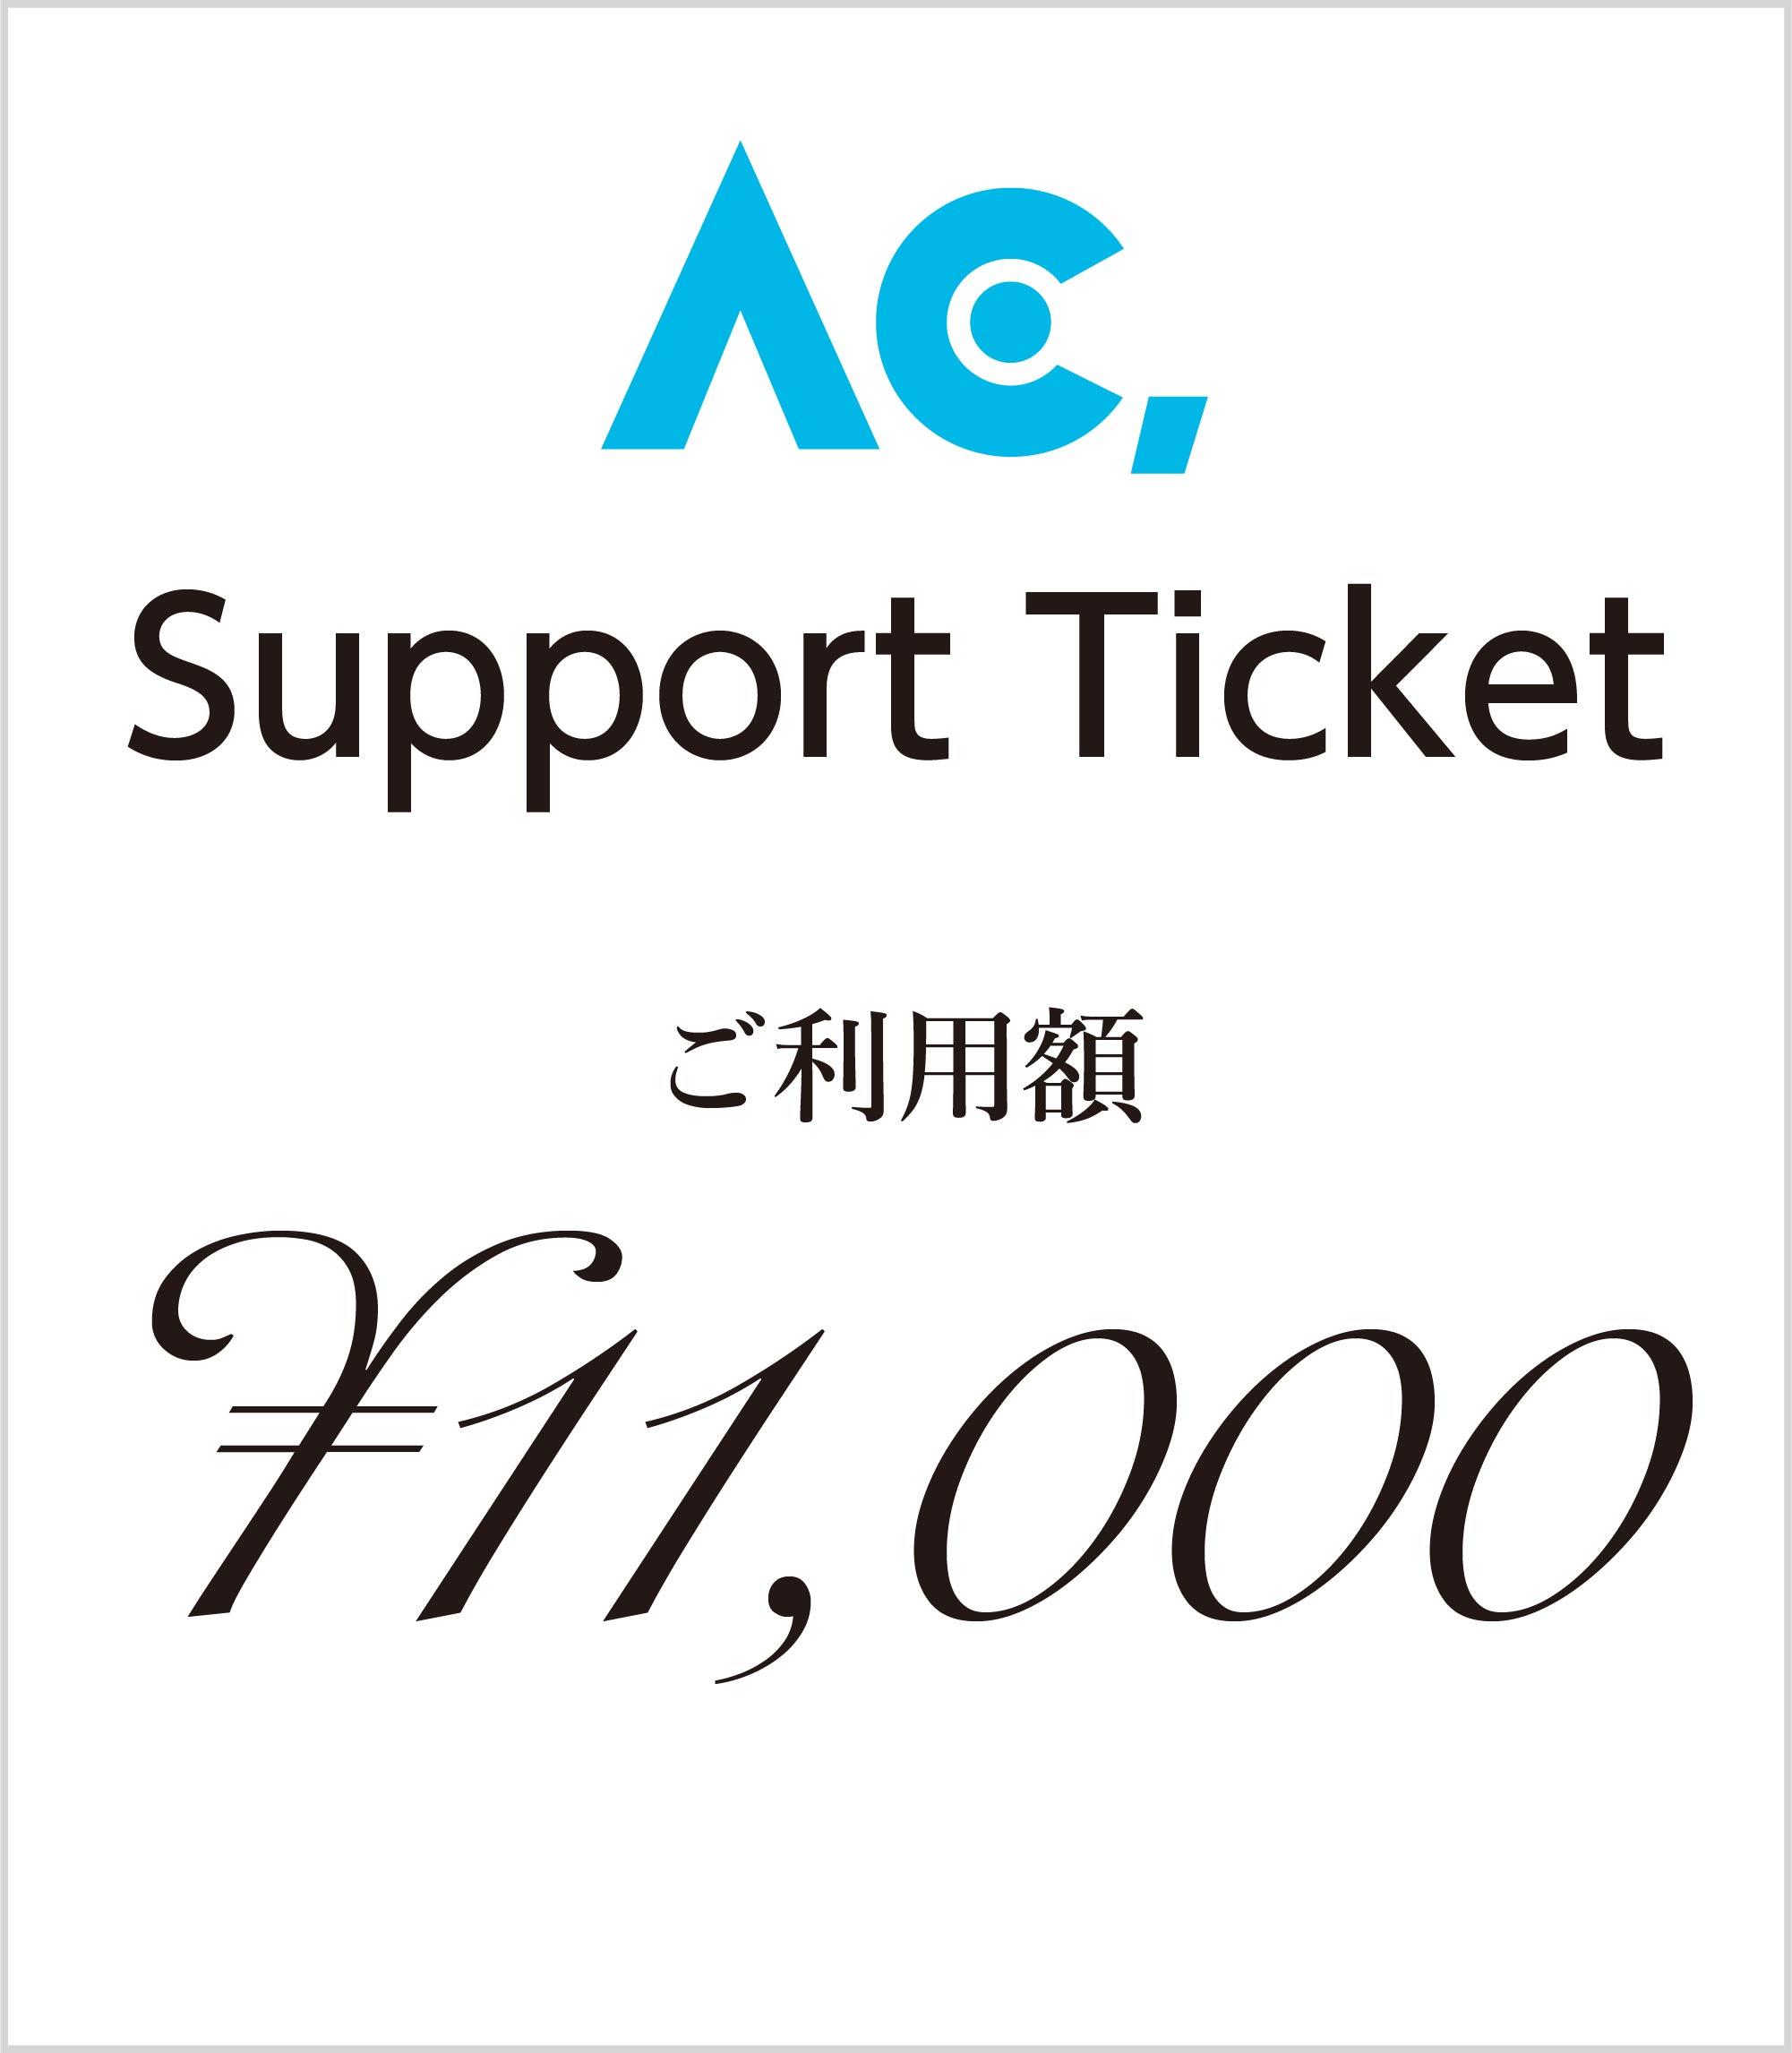 画像1: AC, Support Ticket ご利用額 ¥11,000 (1)